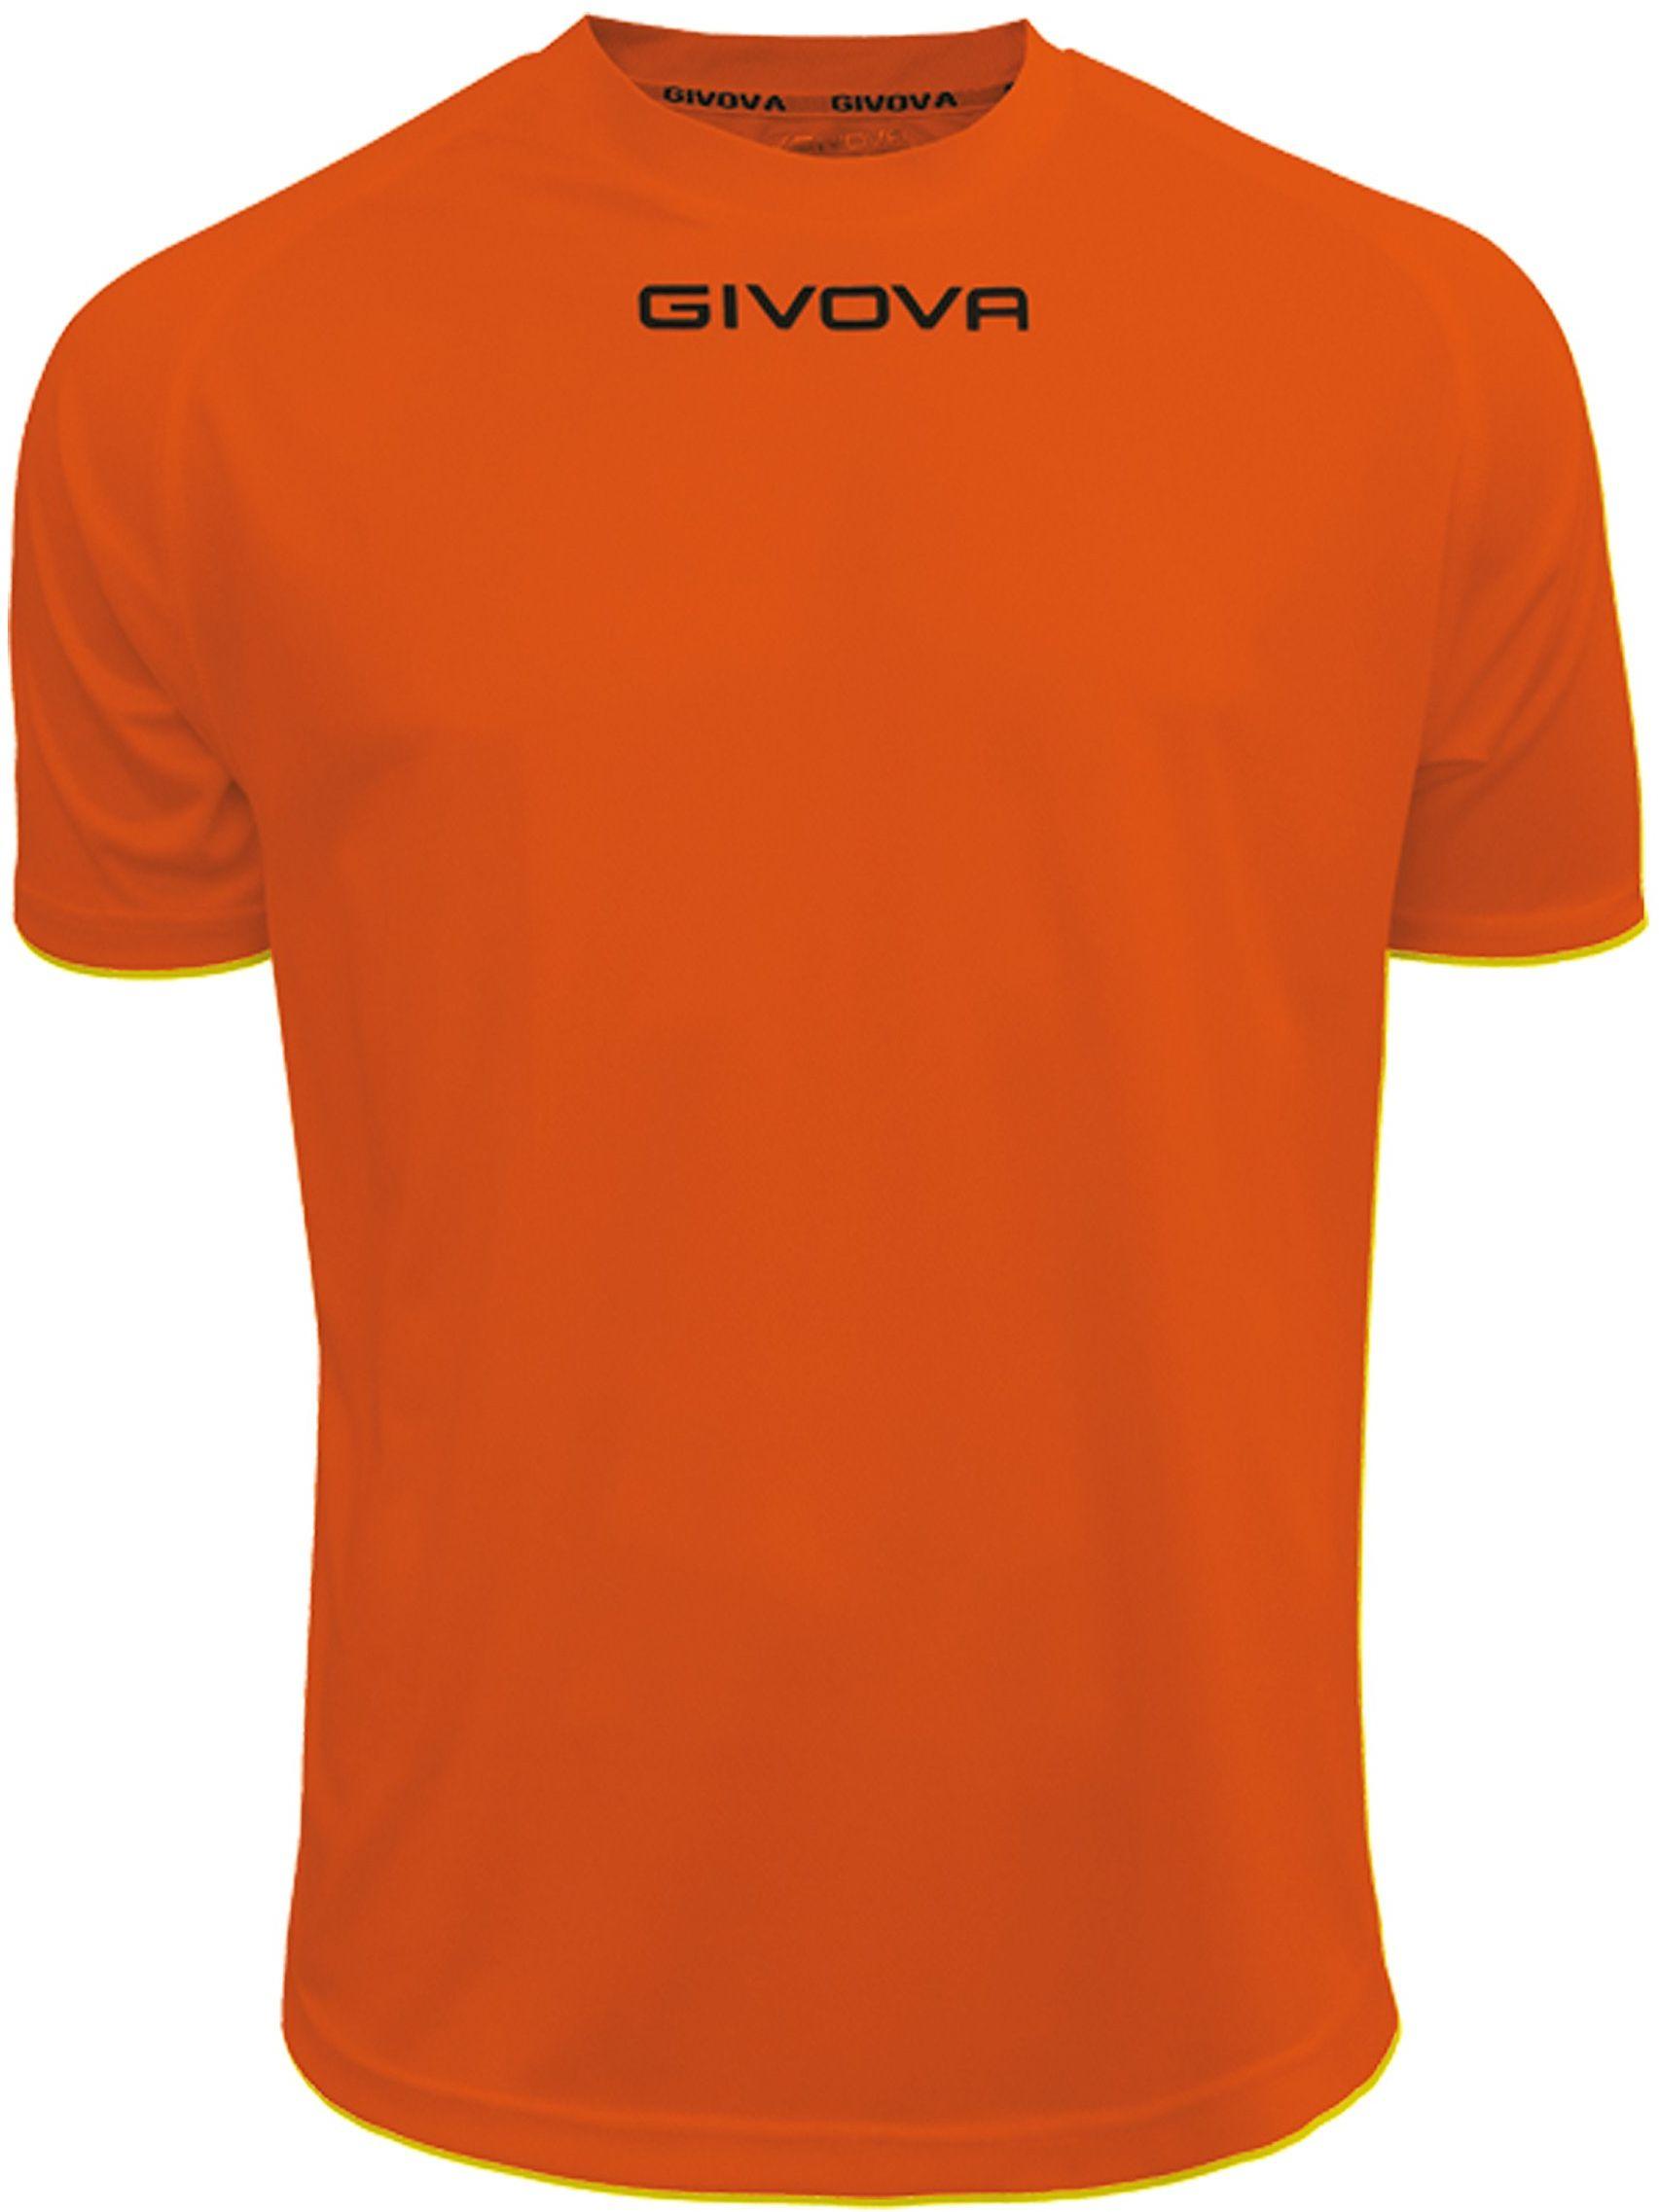 Givova - MAC01 koszulka sportowa, pomarańczowa, 2XS